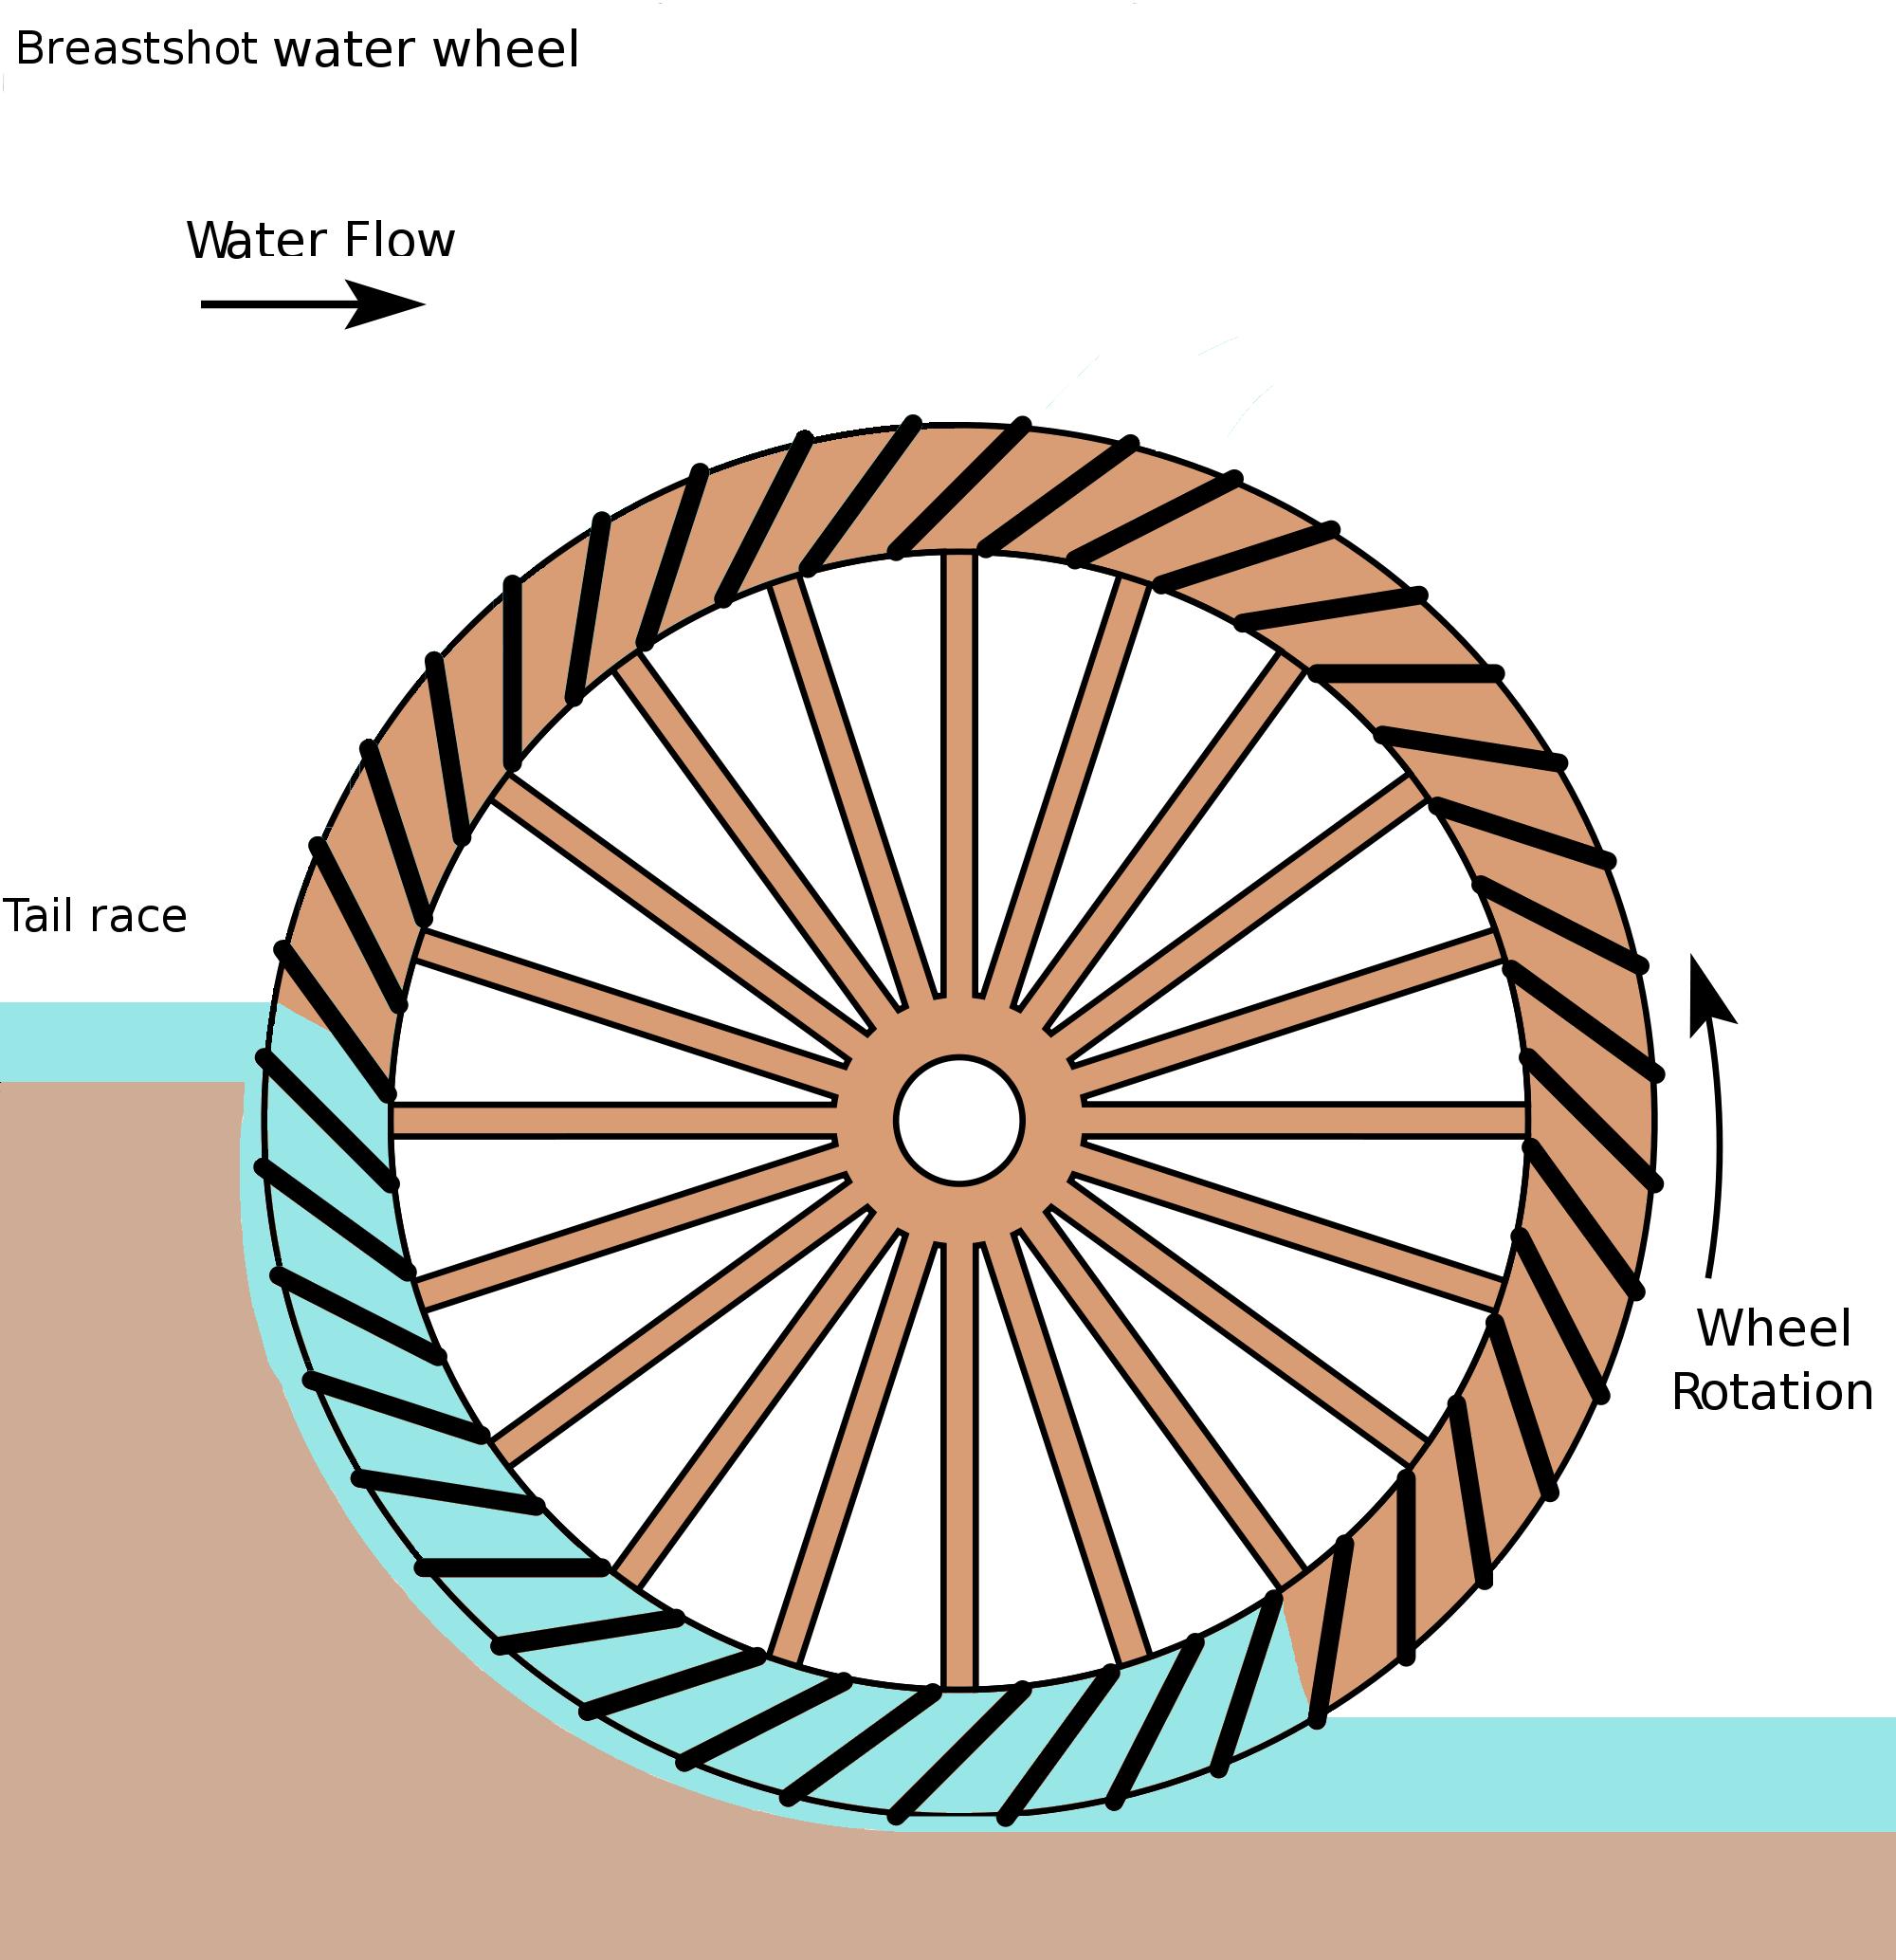 Breastshot Waterwheel